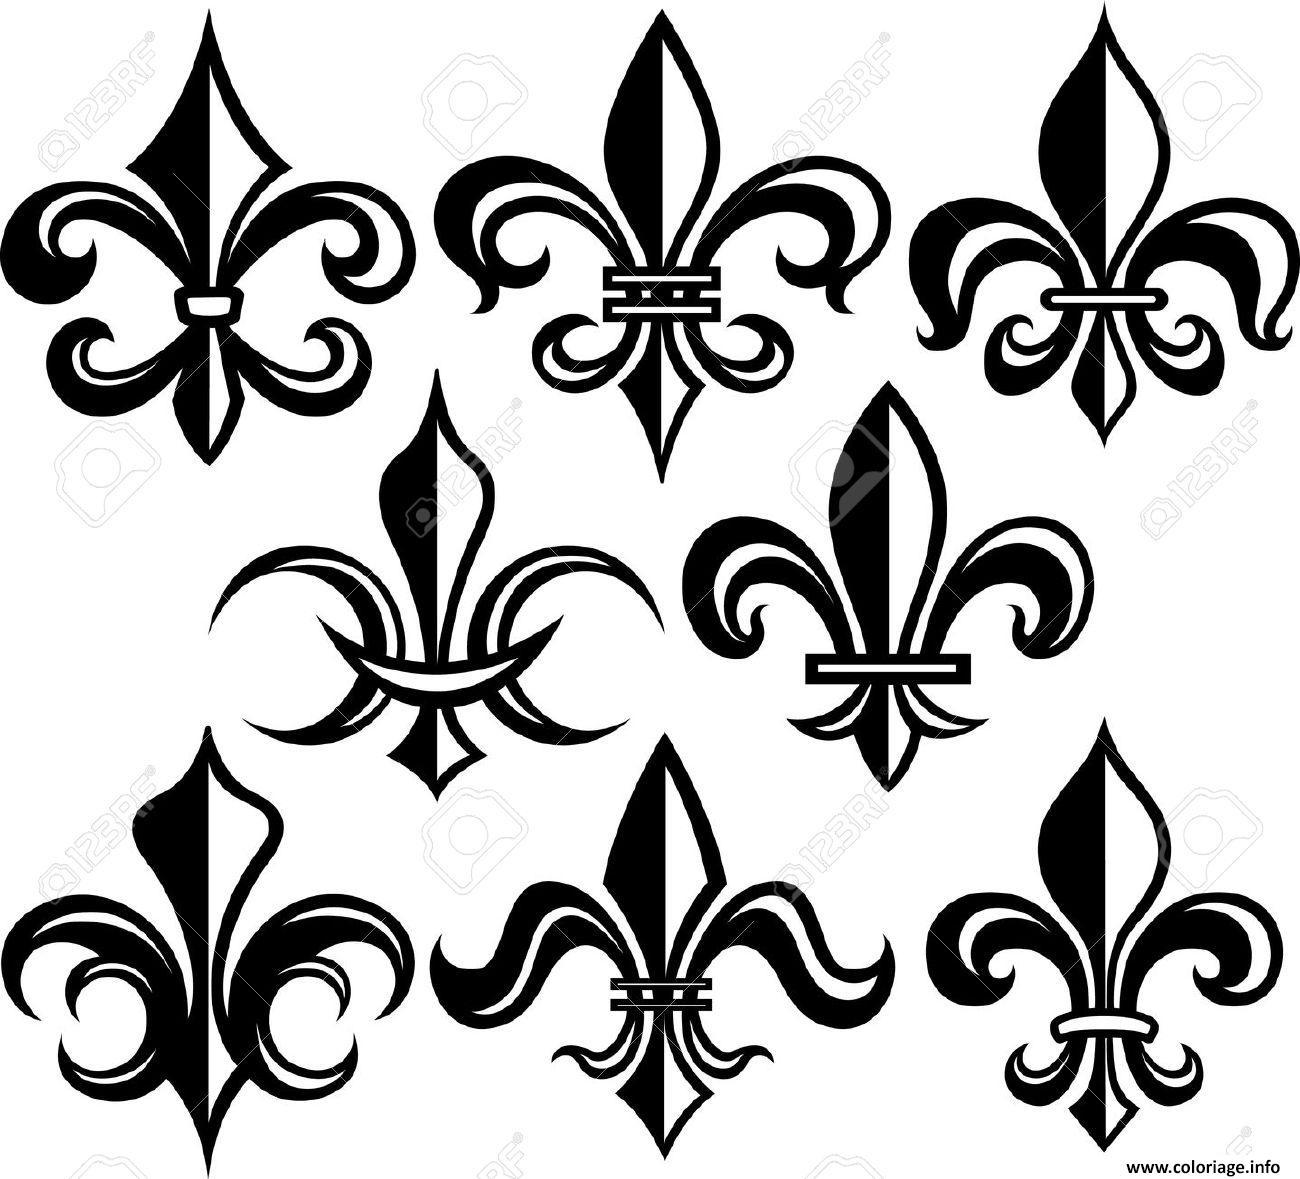 Coloriage Fleur De Lis New Orleans Stock Vector